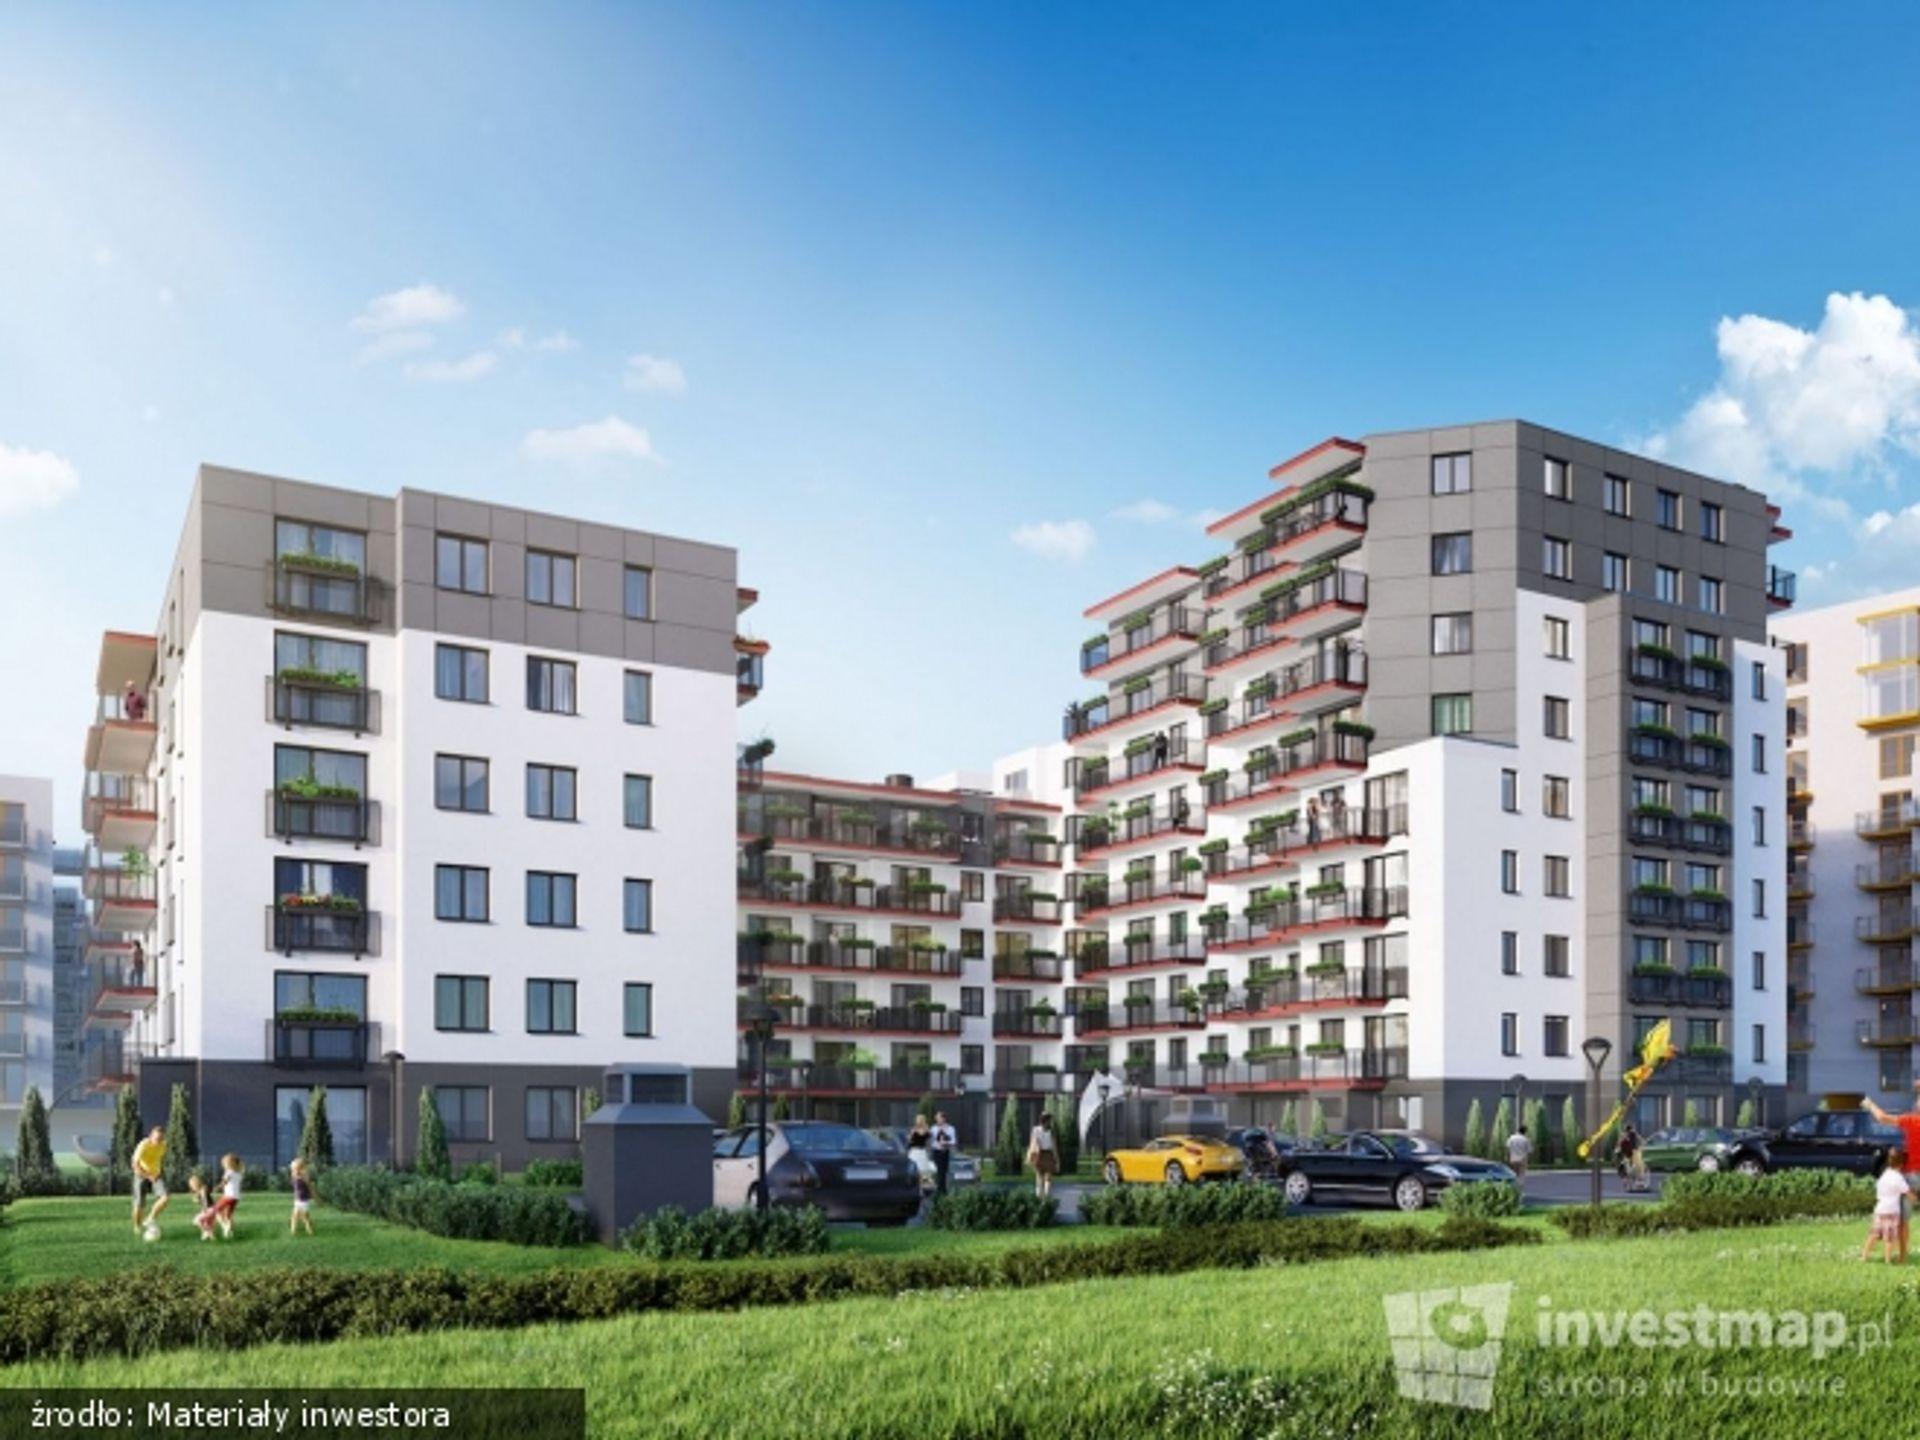 [Warszawa] Victoria Dom rozpoczyna budowę osiedla Bravo